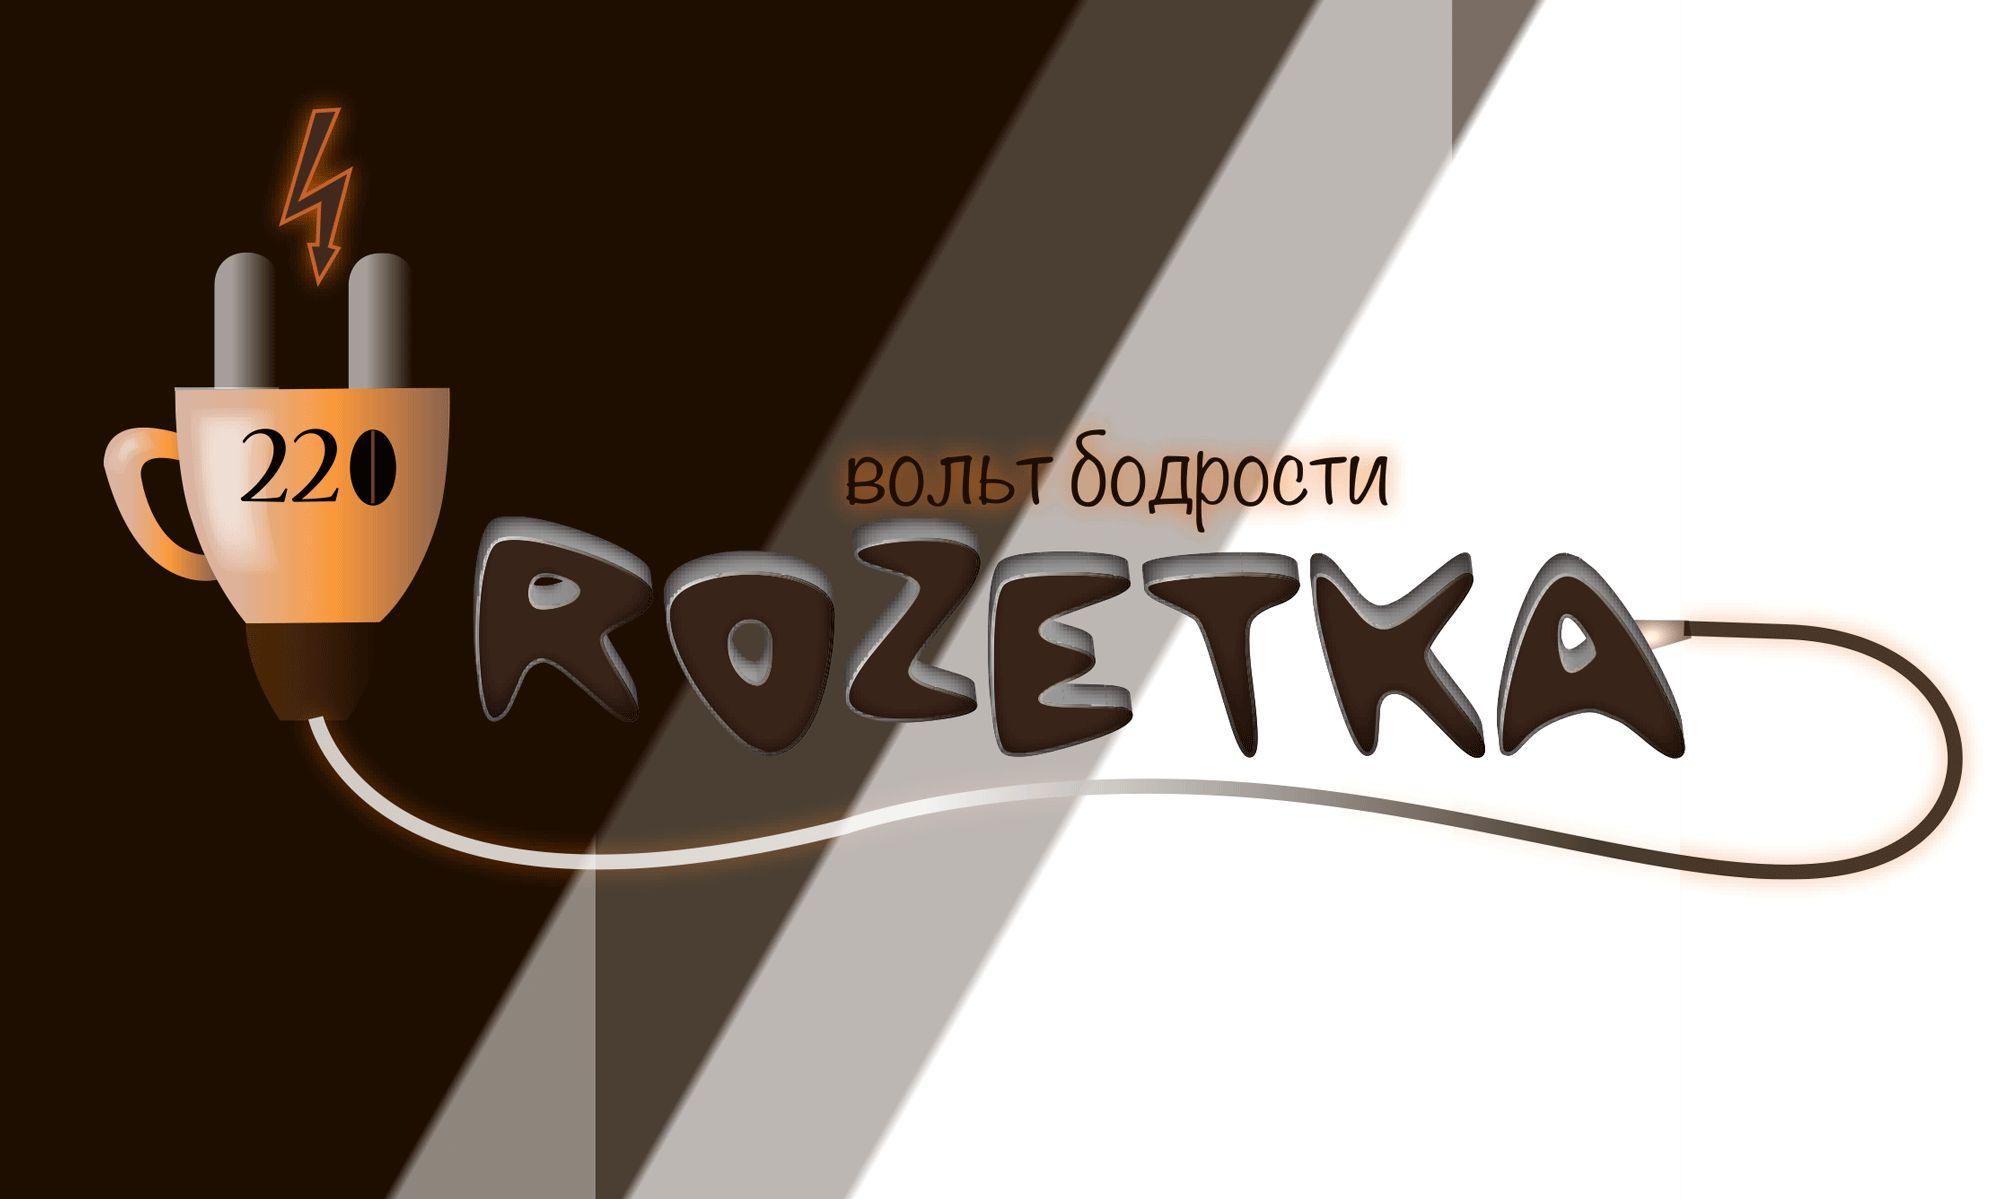 Логотип+Дизайн фирменного стиля для кофейни  - дизайнер mariyaferrari